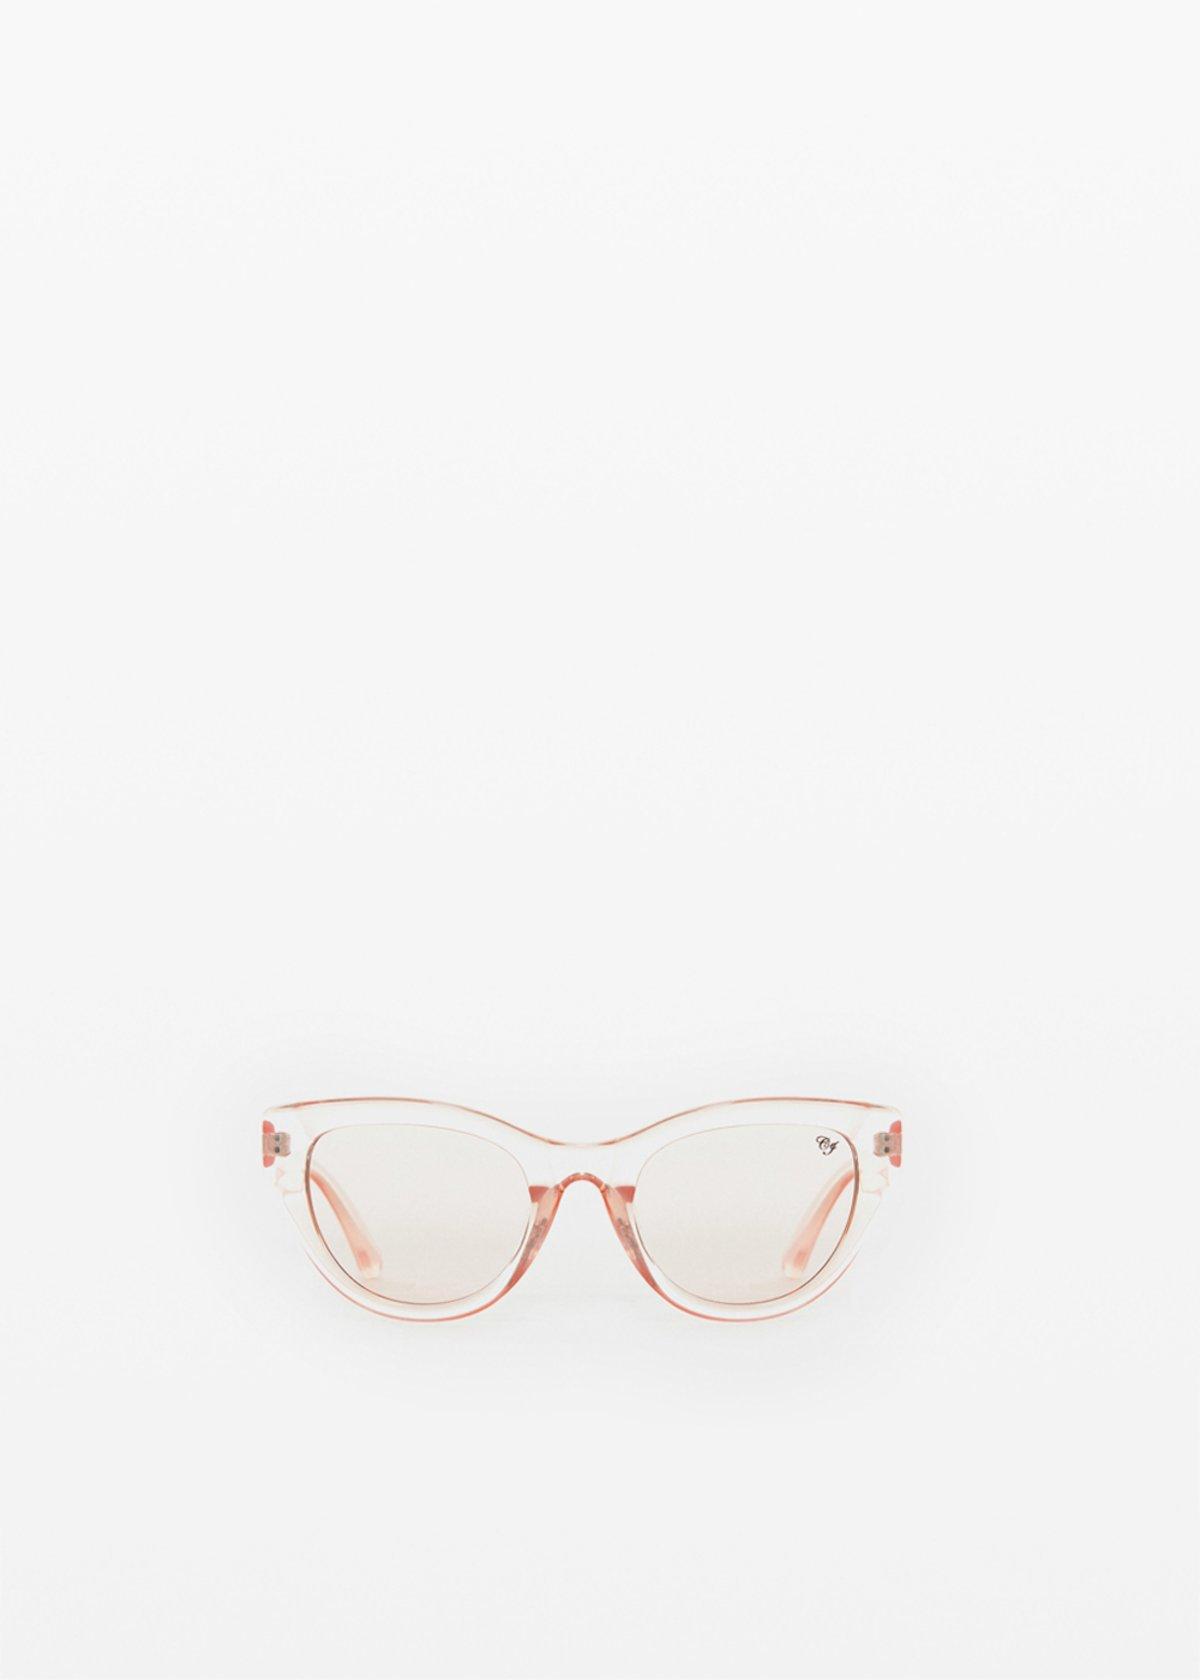 miglior valore vendita economica ultima moda Occhiali da sole SRP 140 con lente sfumata